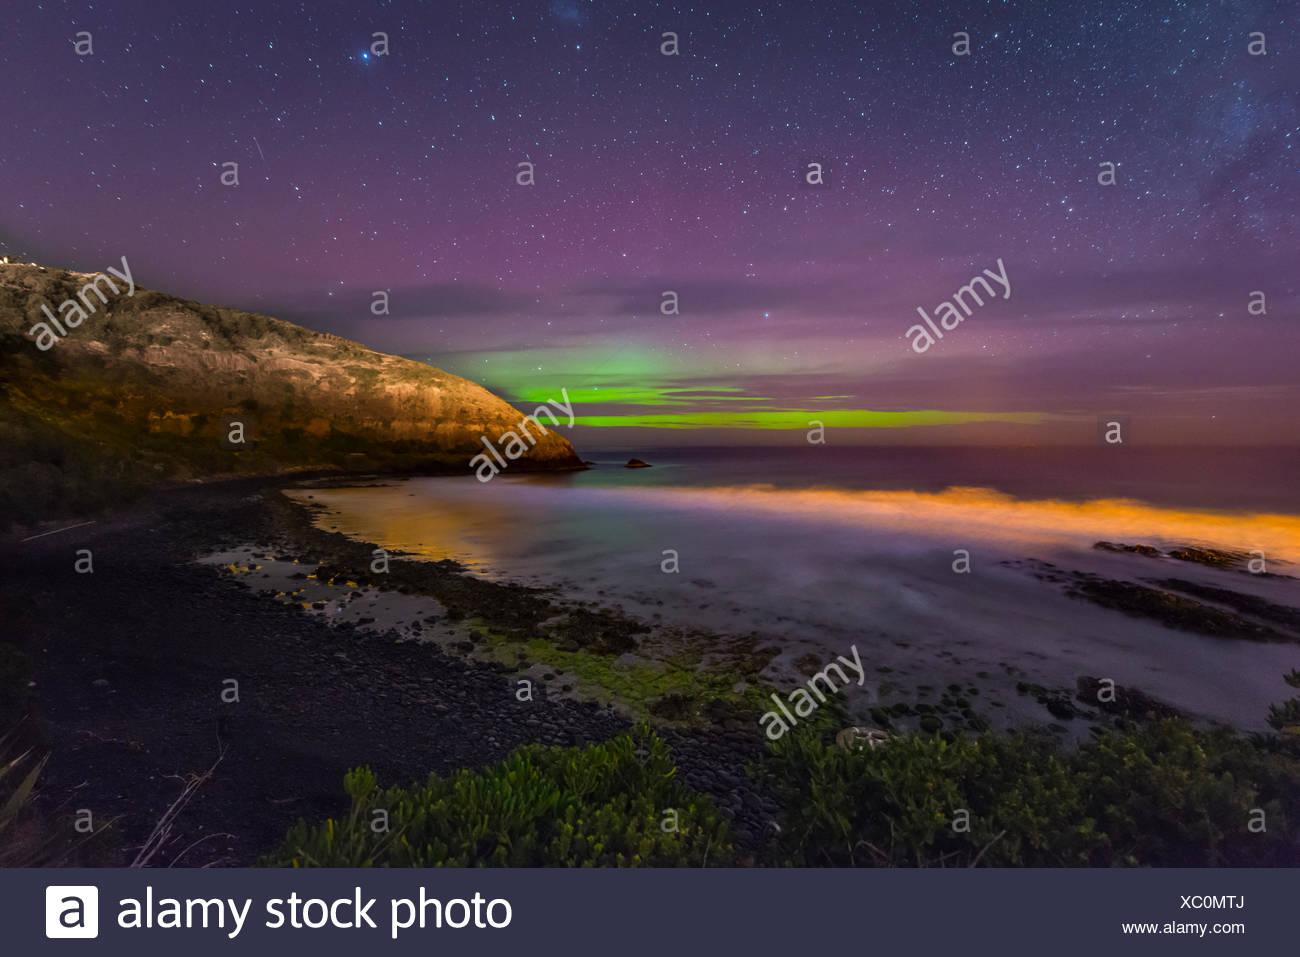 Südlichter, Aurora Australis über dem Meer, Dünen, zweiten Strand, Dunedin, Otago und Southland, Neuseeland Stockbild